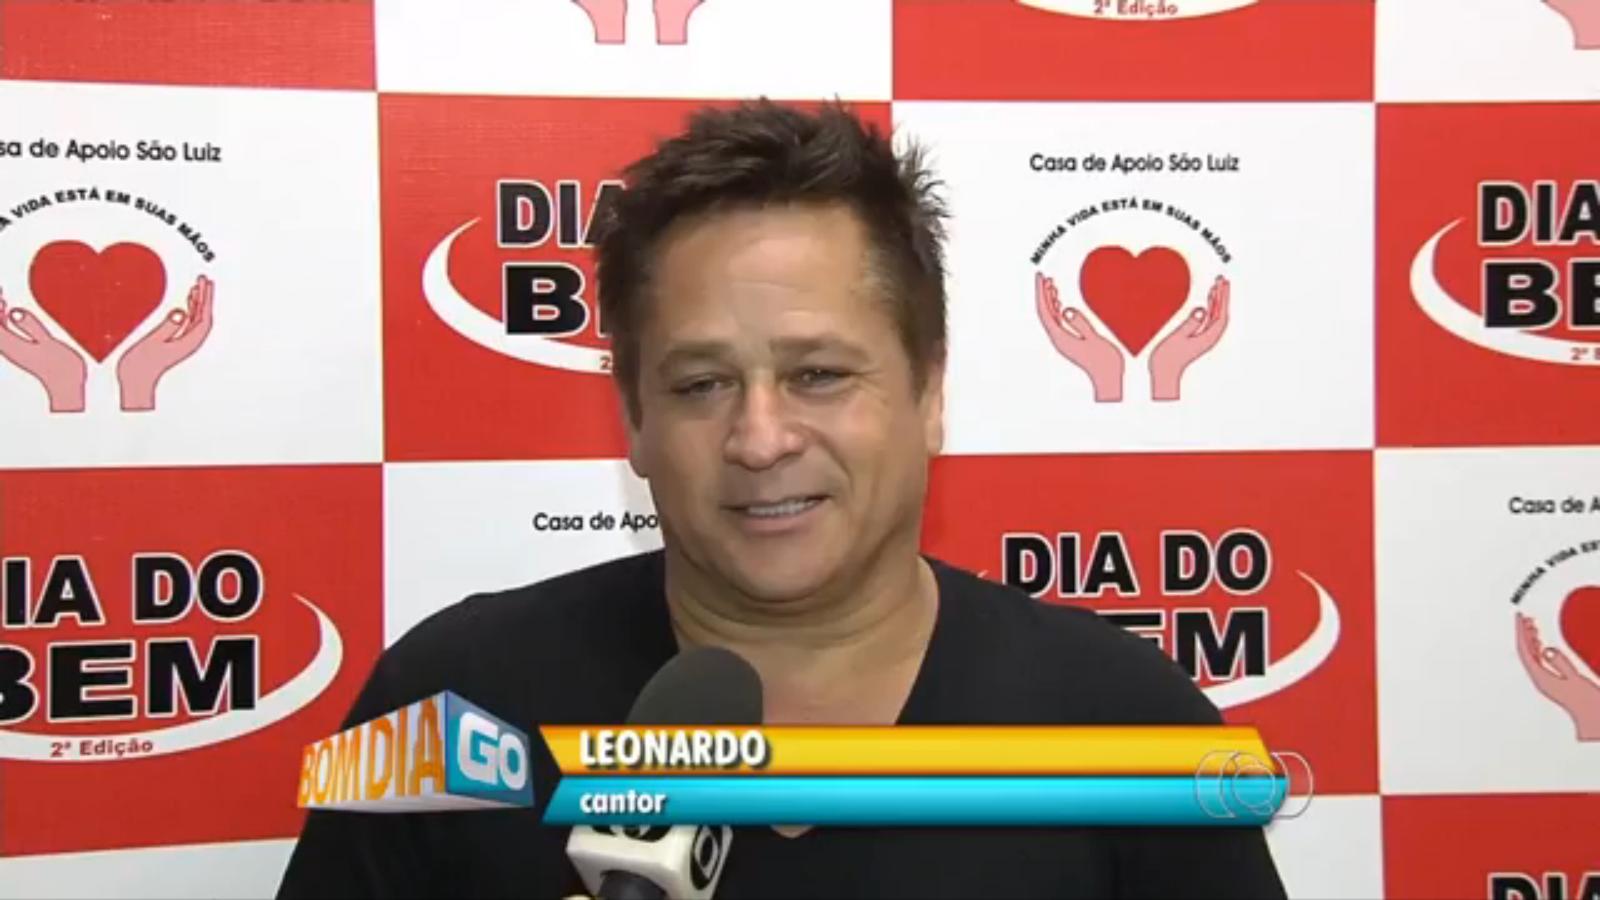 SHOW DO LEONARDO em dia do bem /GO 17/12/2014